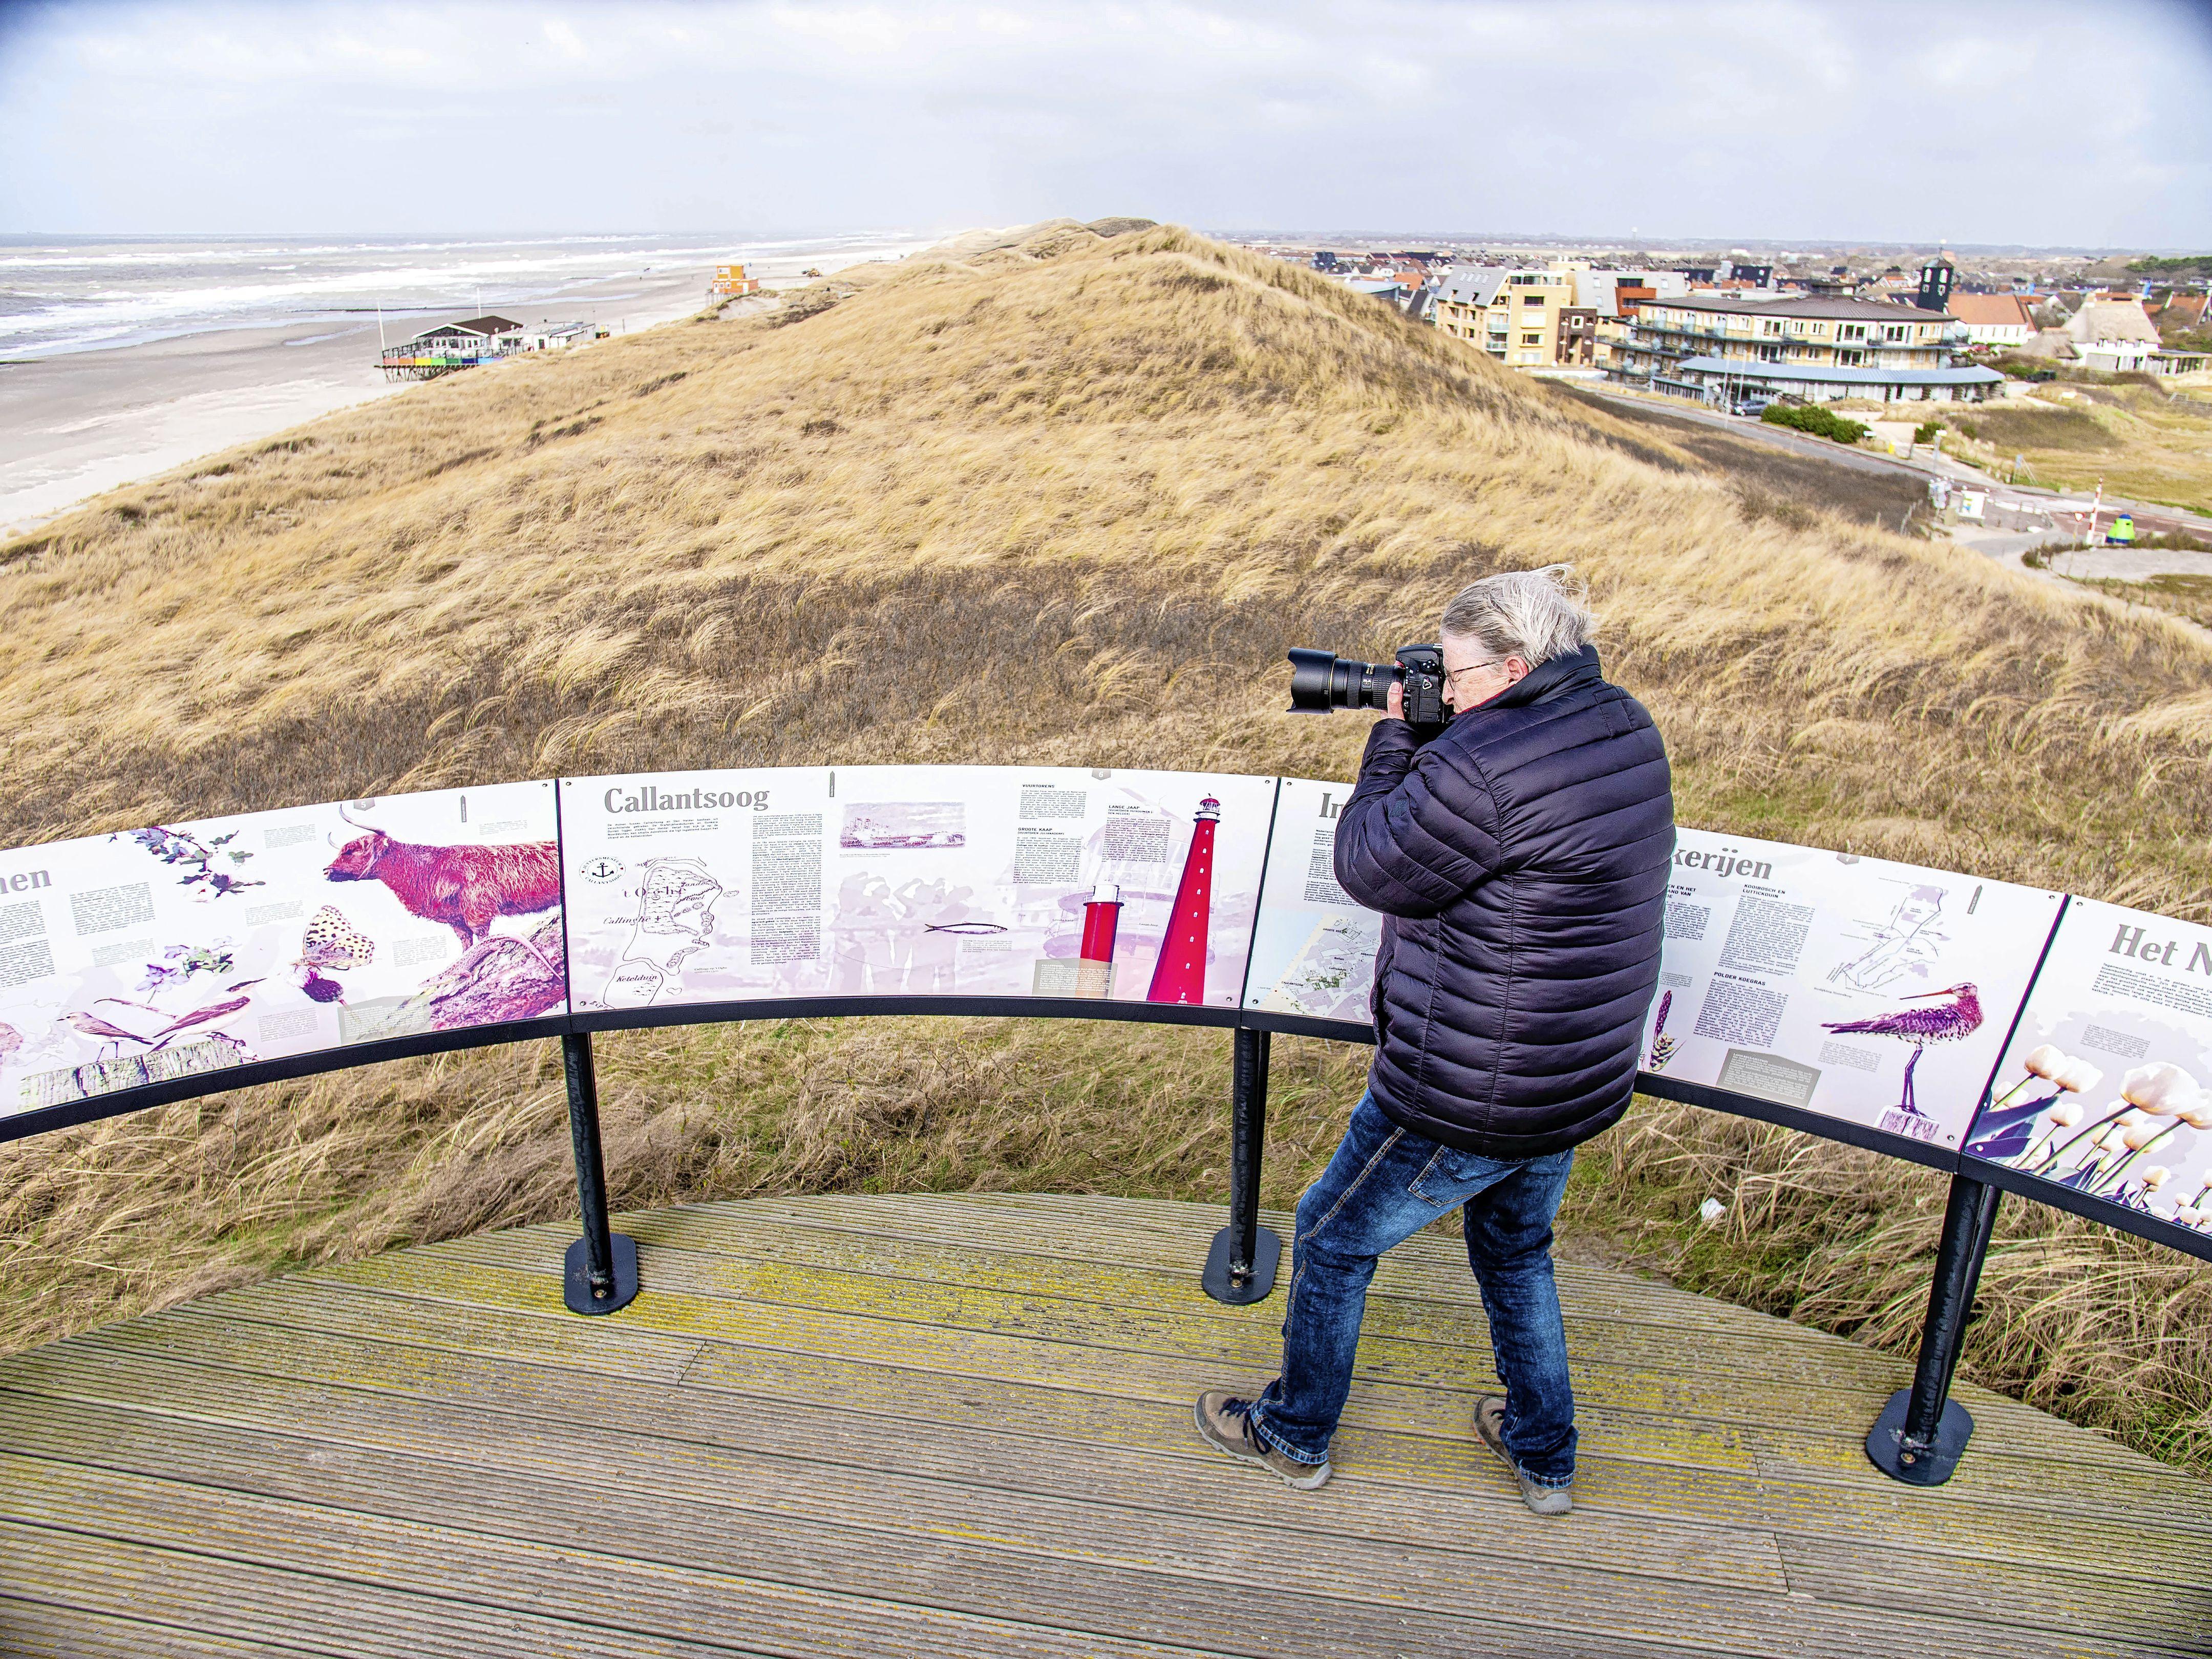 Fotografe Simone Gerard komt uit Twente, maar ze werd verliefd op Callantsoog. Ze ging er wonen en verkende elke heg en steg met haar camera. Dat levert prachtige beelden op